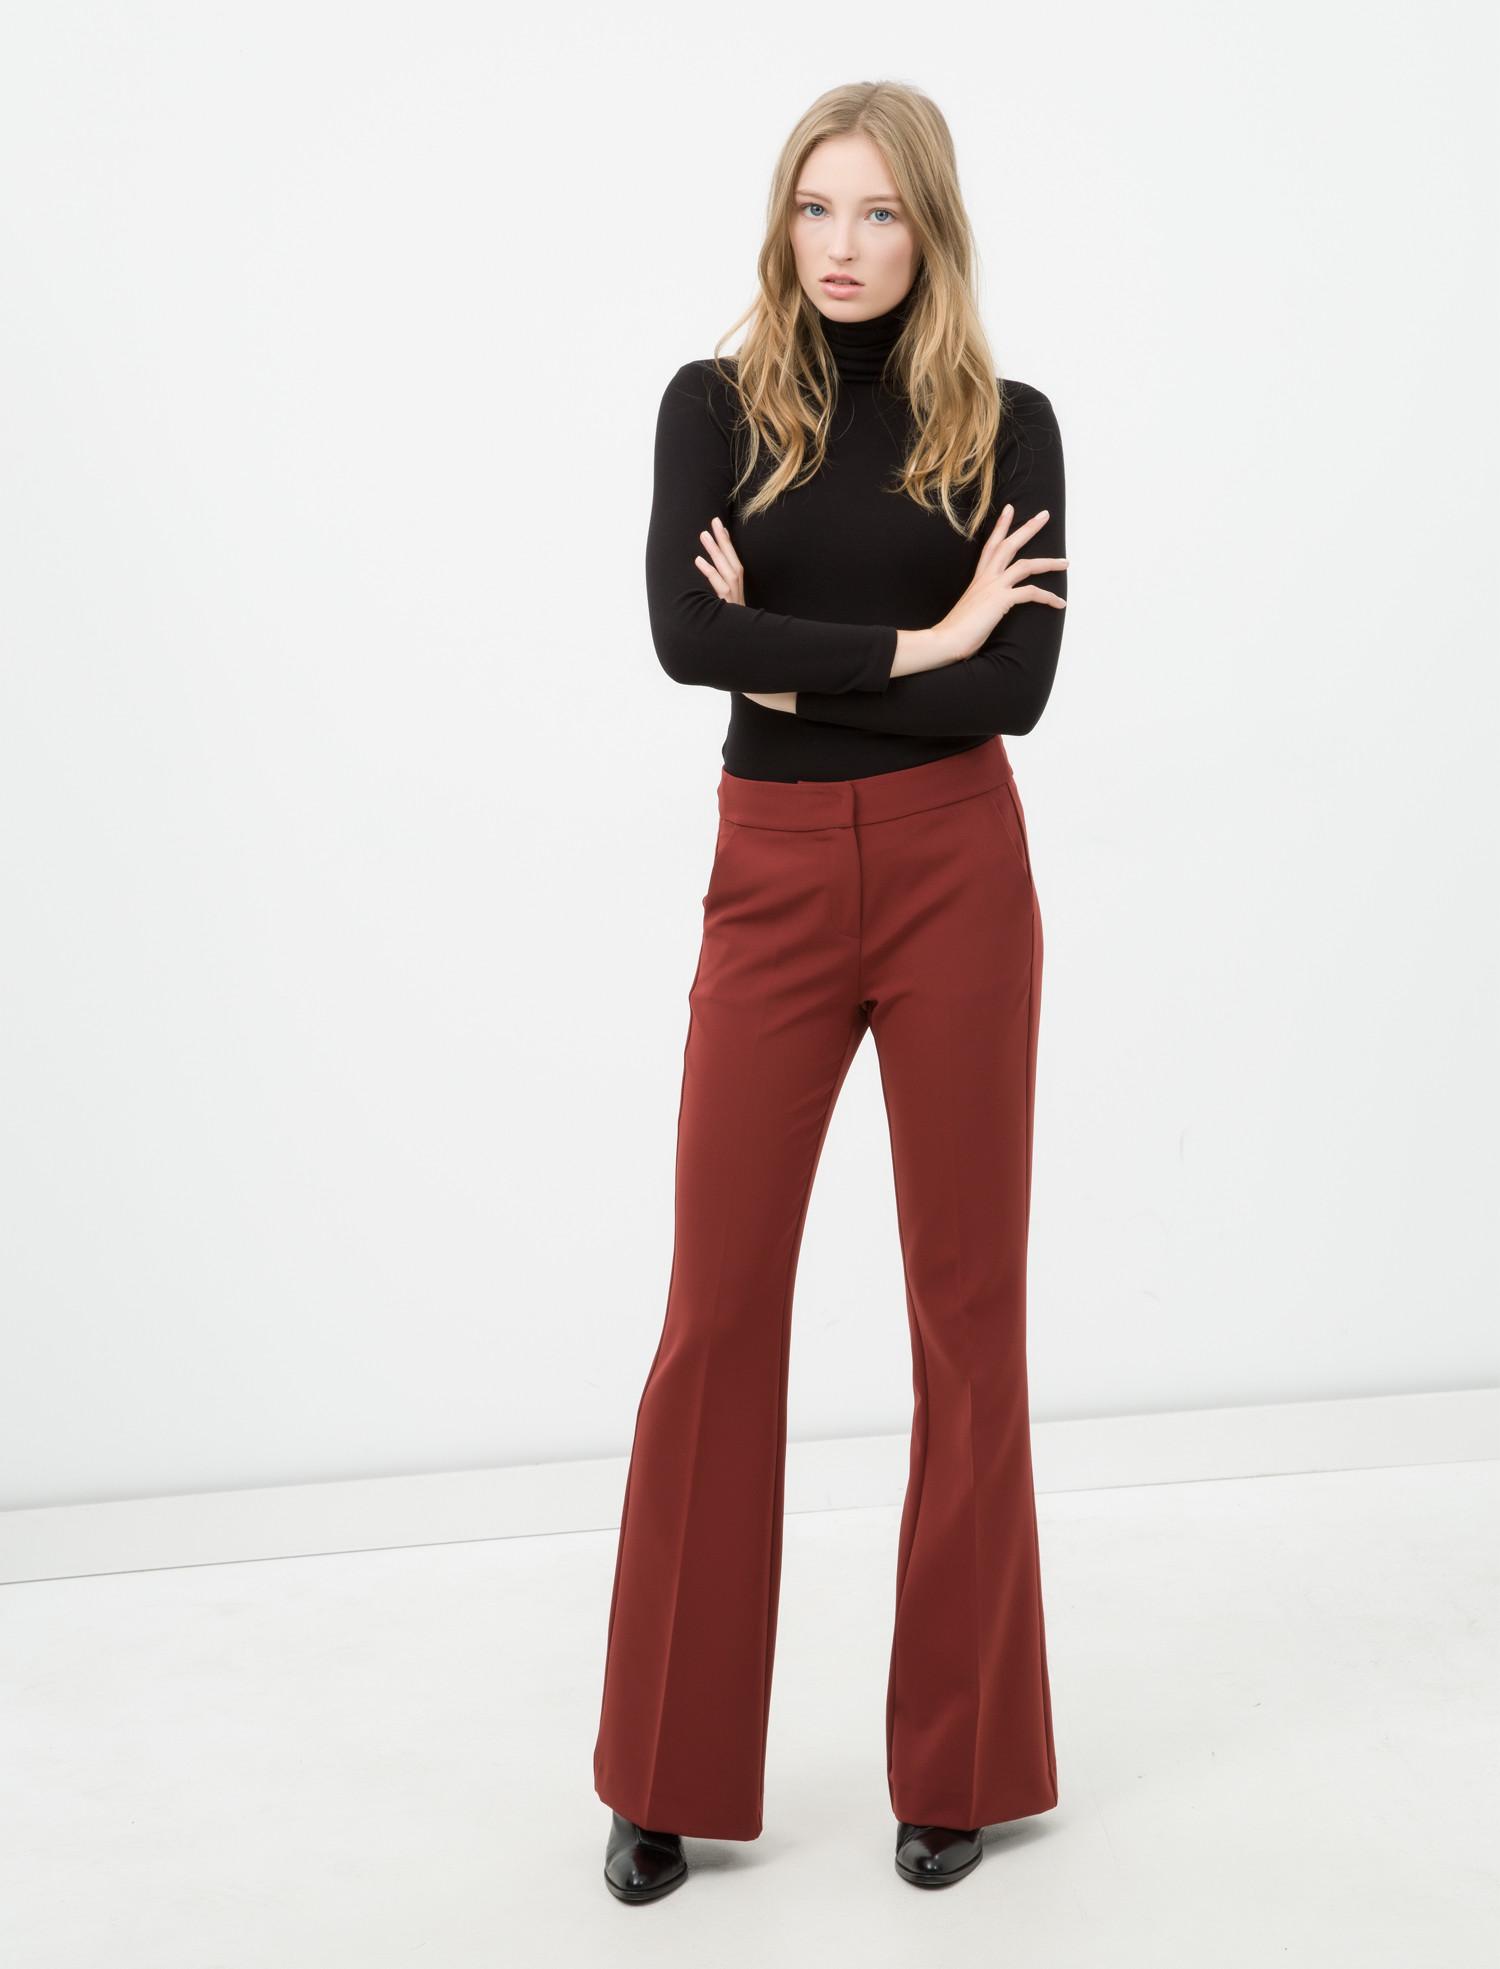 Kısa Boylular İçin Abiye Elbise Modelleri 2019